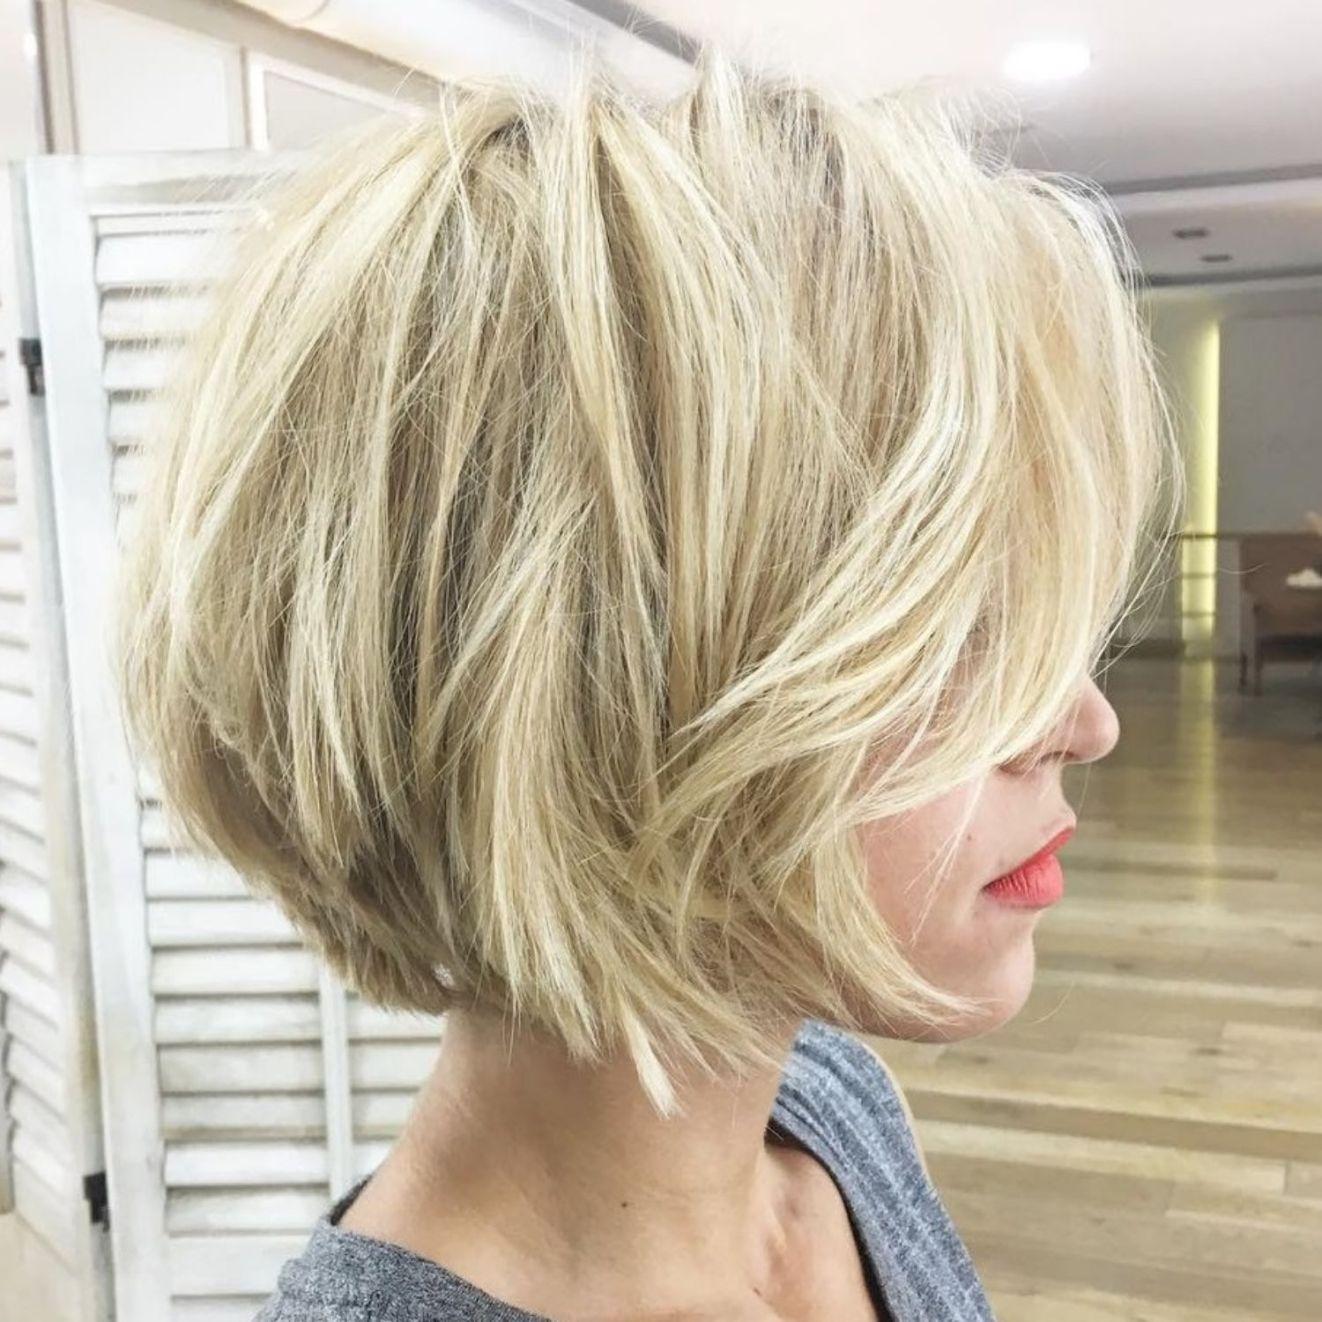 100 Mind Blowing Short Hairstyles For Fine Hair Kapsel Met Laagjes Halfkorte Kapsels Bob Kapsel Grijs Haar